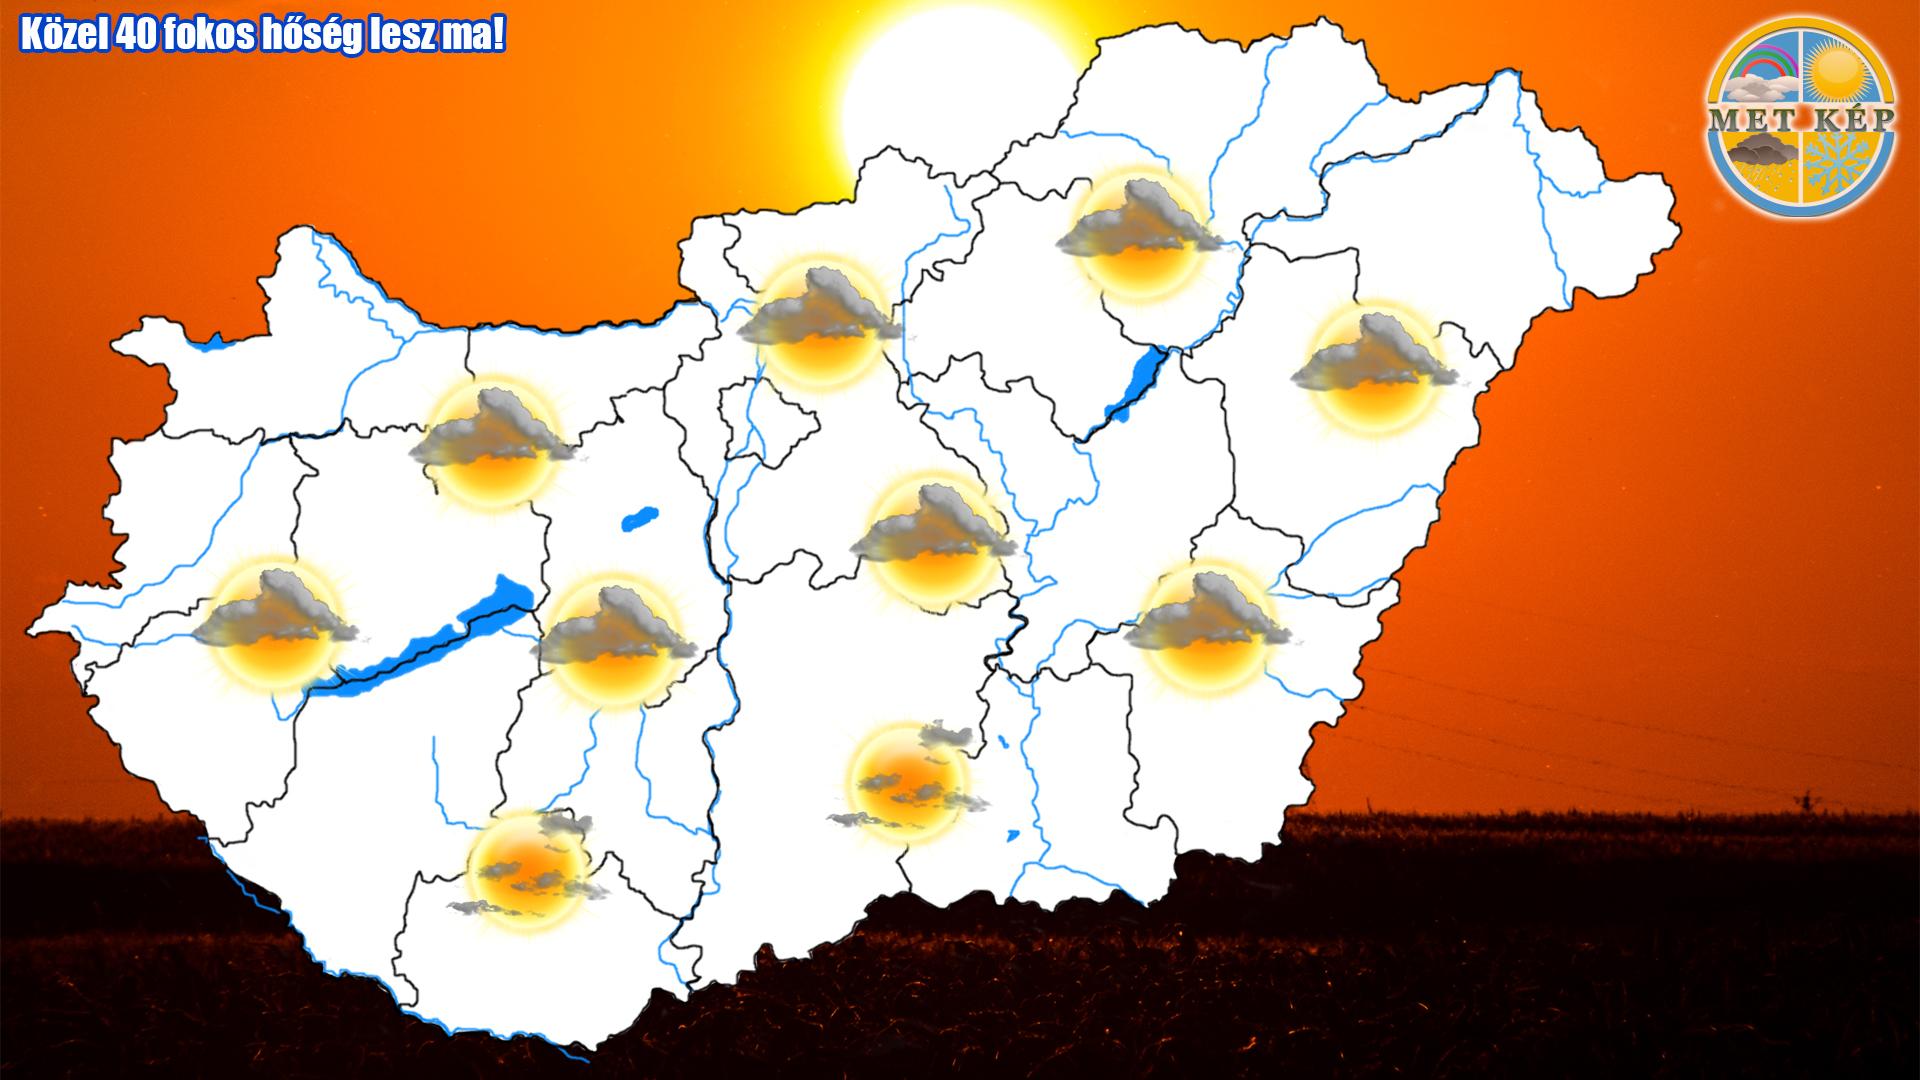 Közel 40 fokos hőség lesz ma! 2